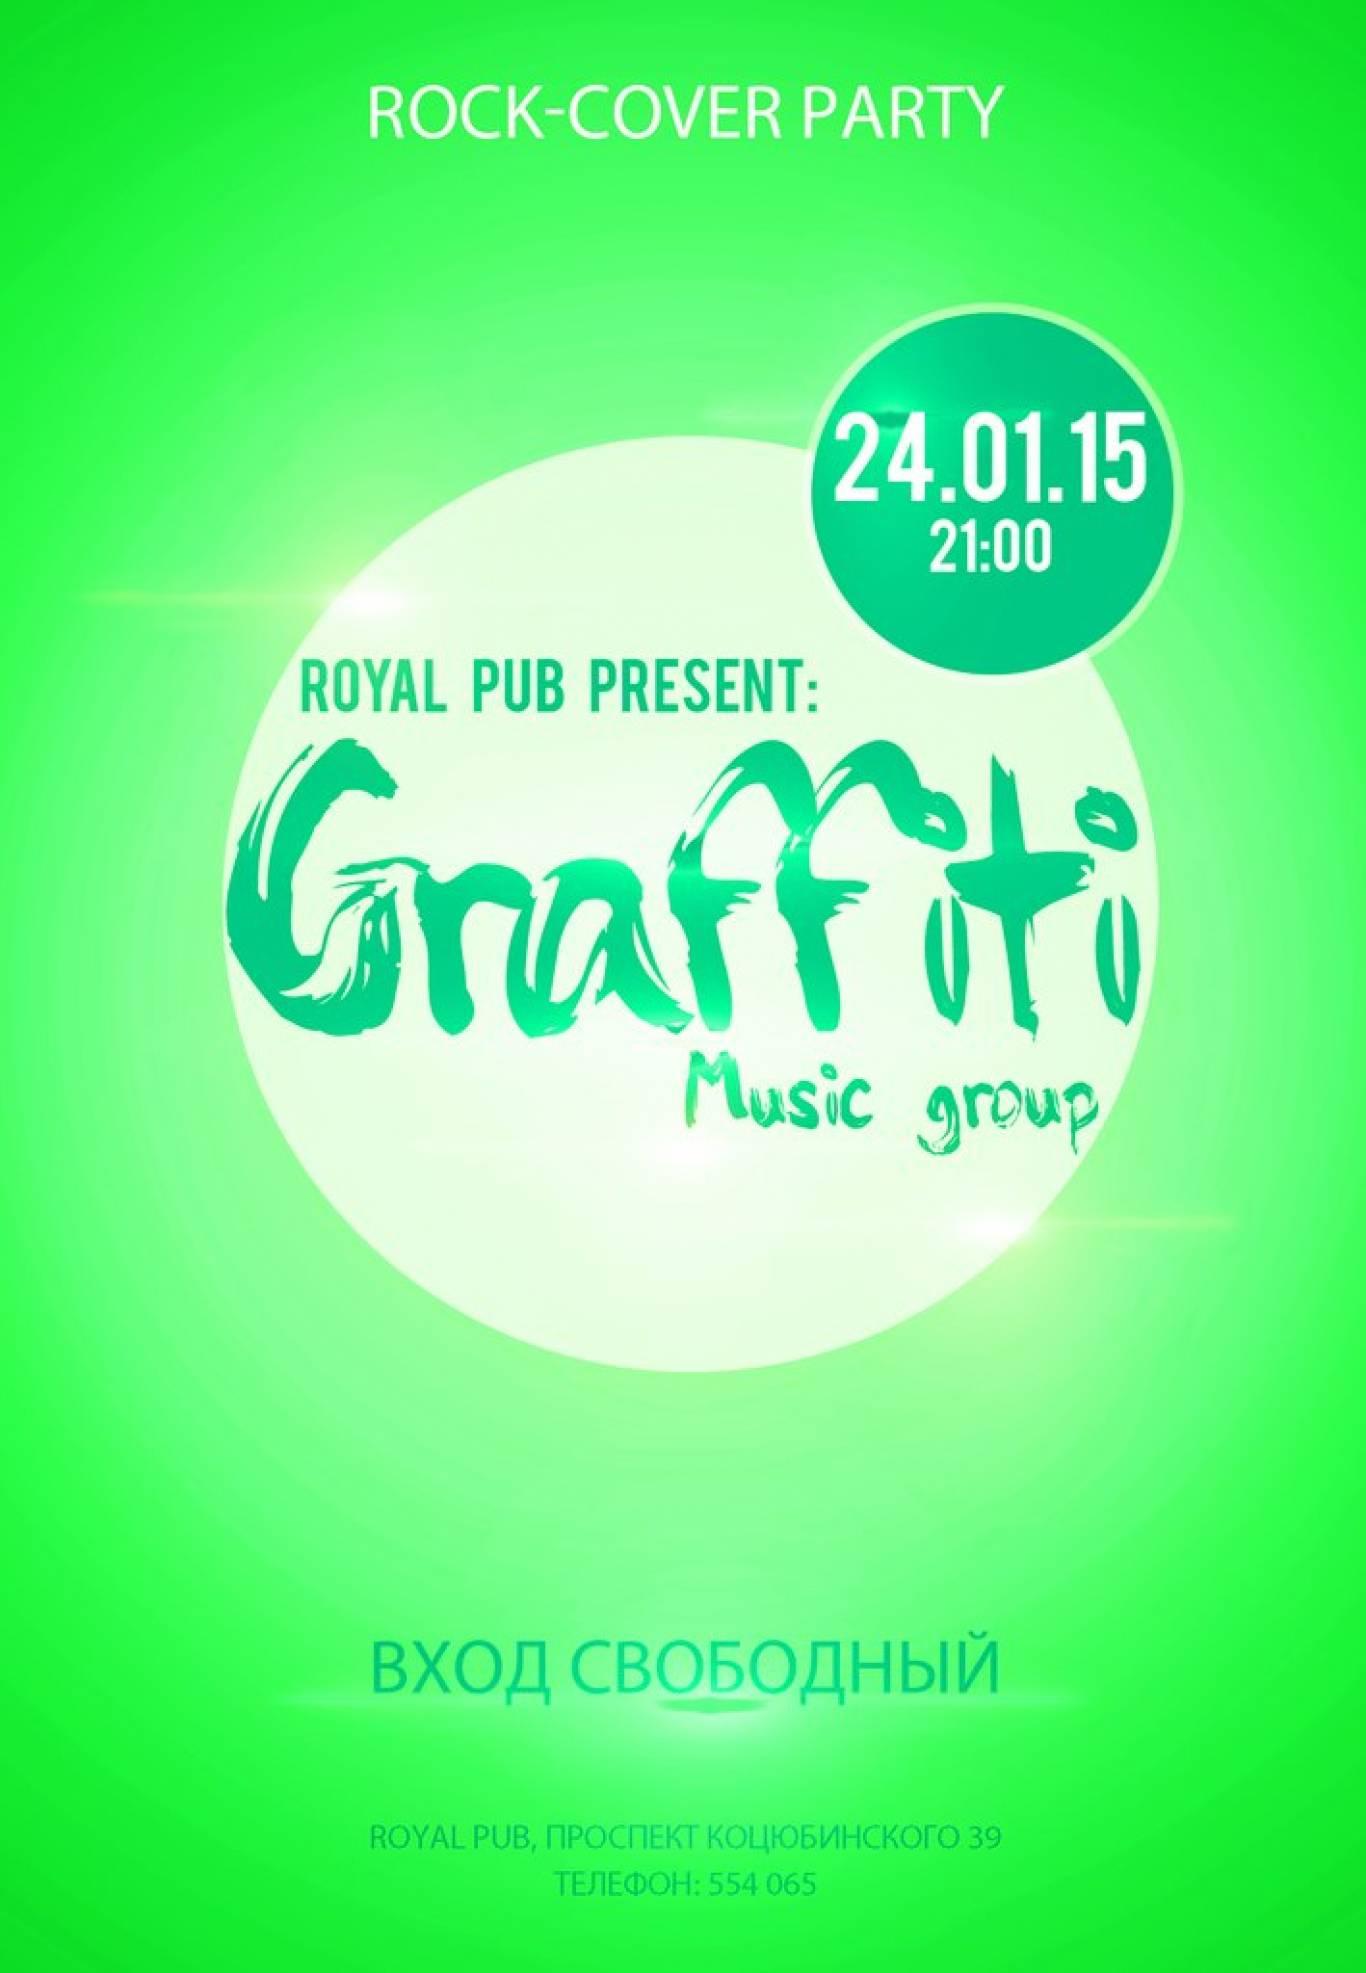 Музичний вечір з гуртом «Graffiti»